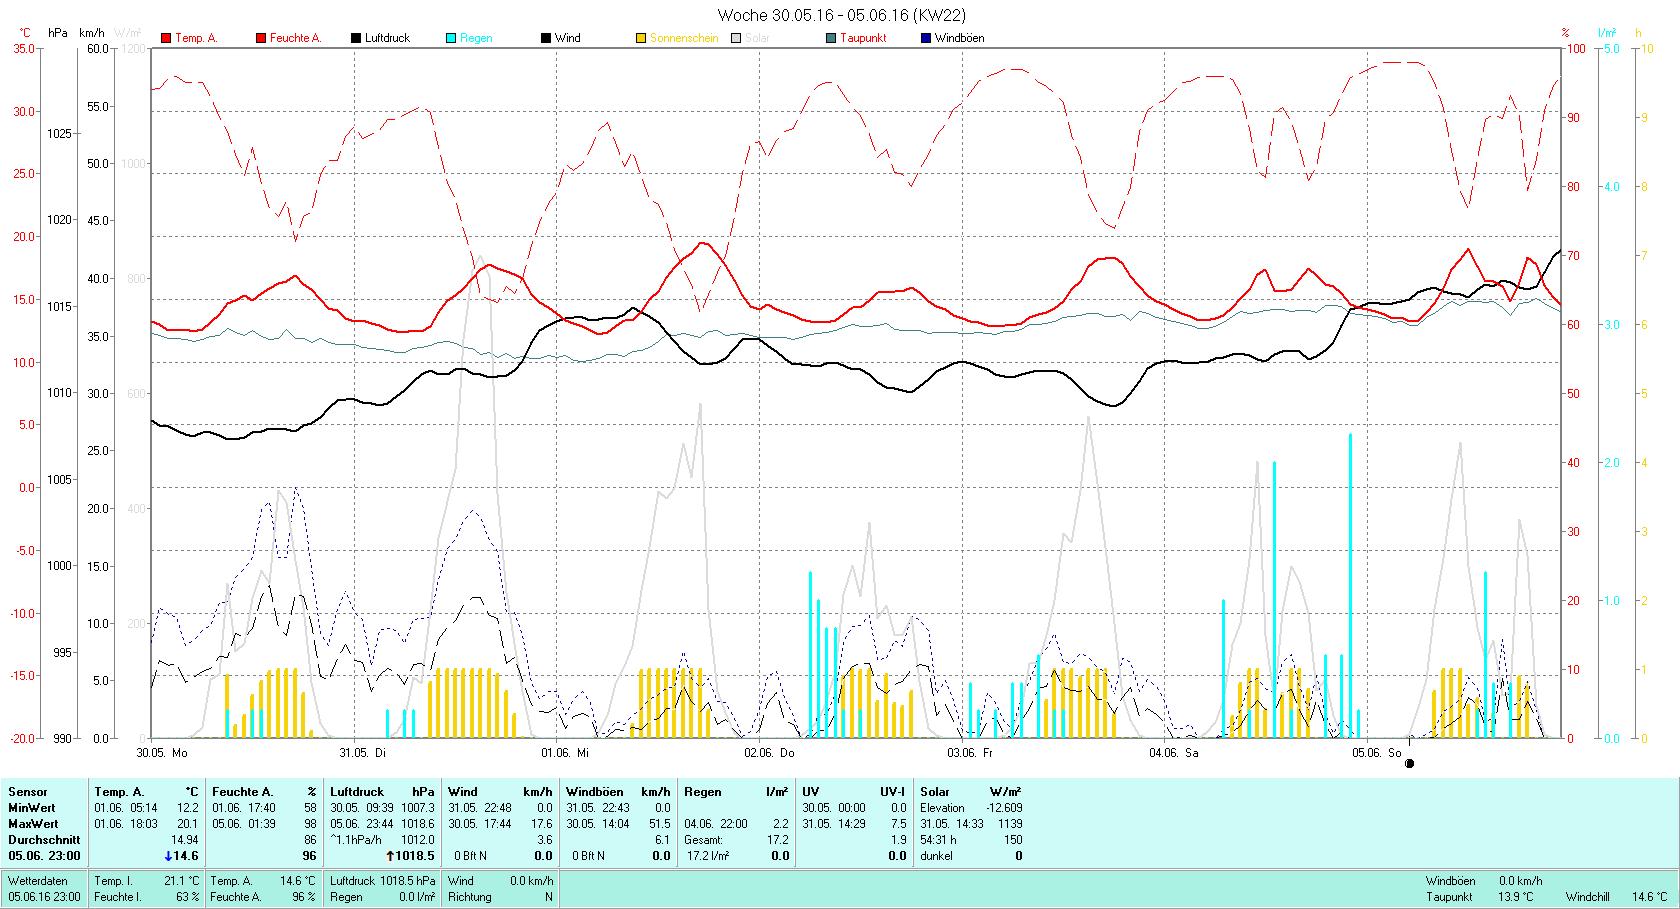 KW 22 Tmin 12.2°C, Tmax 20.1°C, Sonne 54:31h, Niederschlag 17.2mm/2